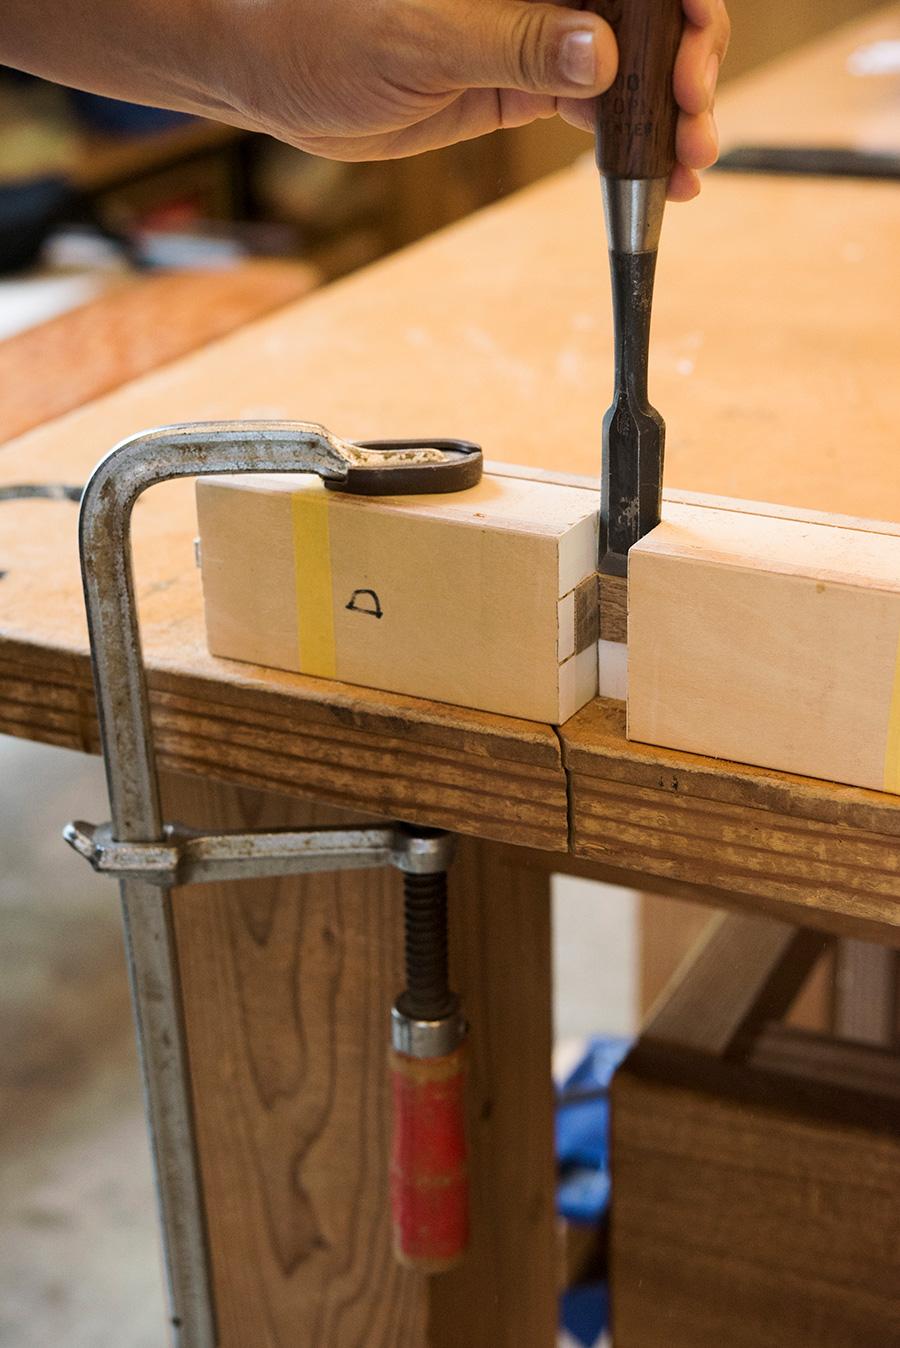 Fクランプをテーブルに固定し、「貫」の中央の接合部「相欠き」を、玄能とノミで欠き取る。